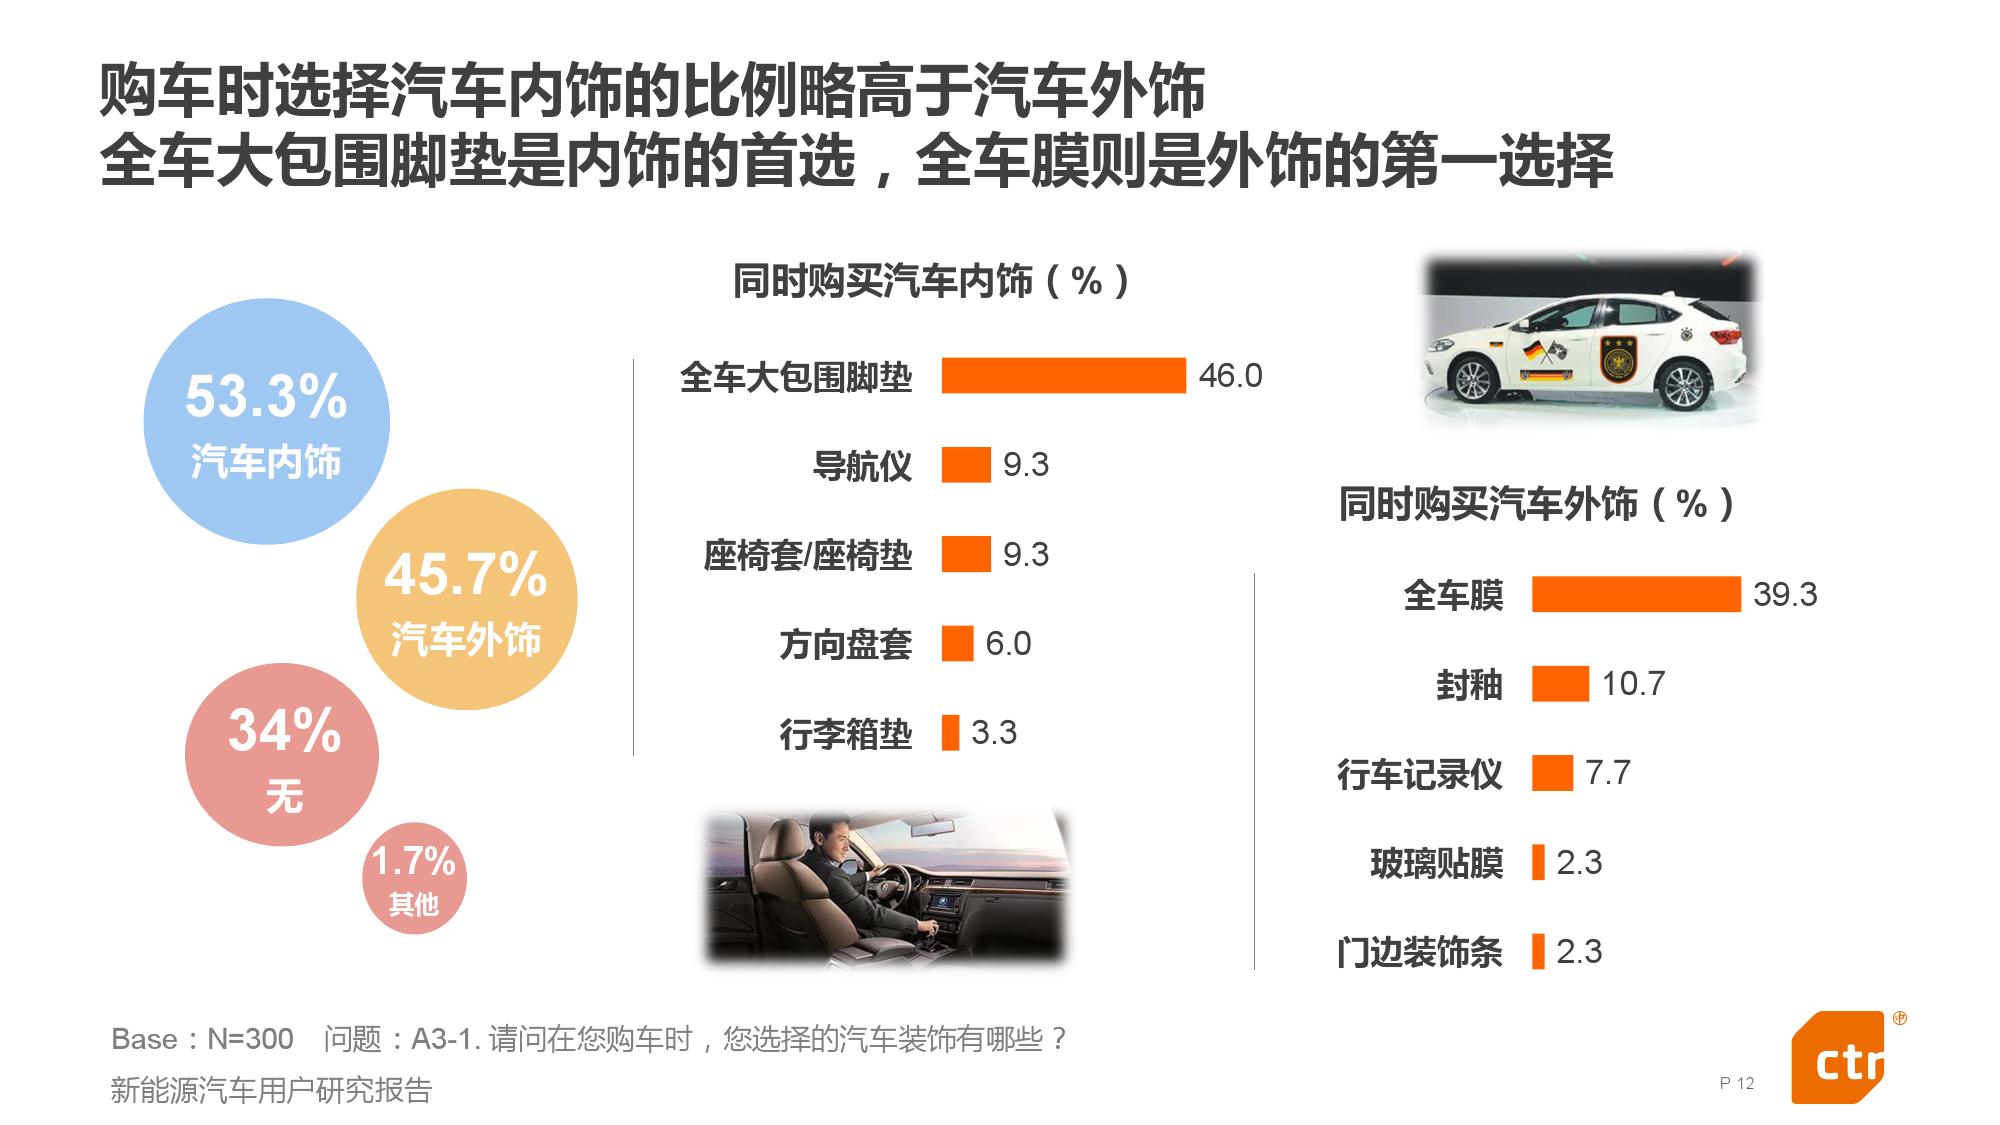 新能源汽车用户研究报告_000012